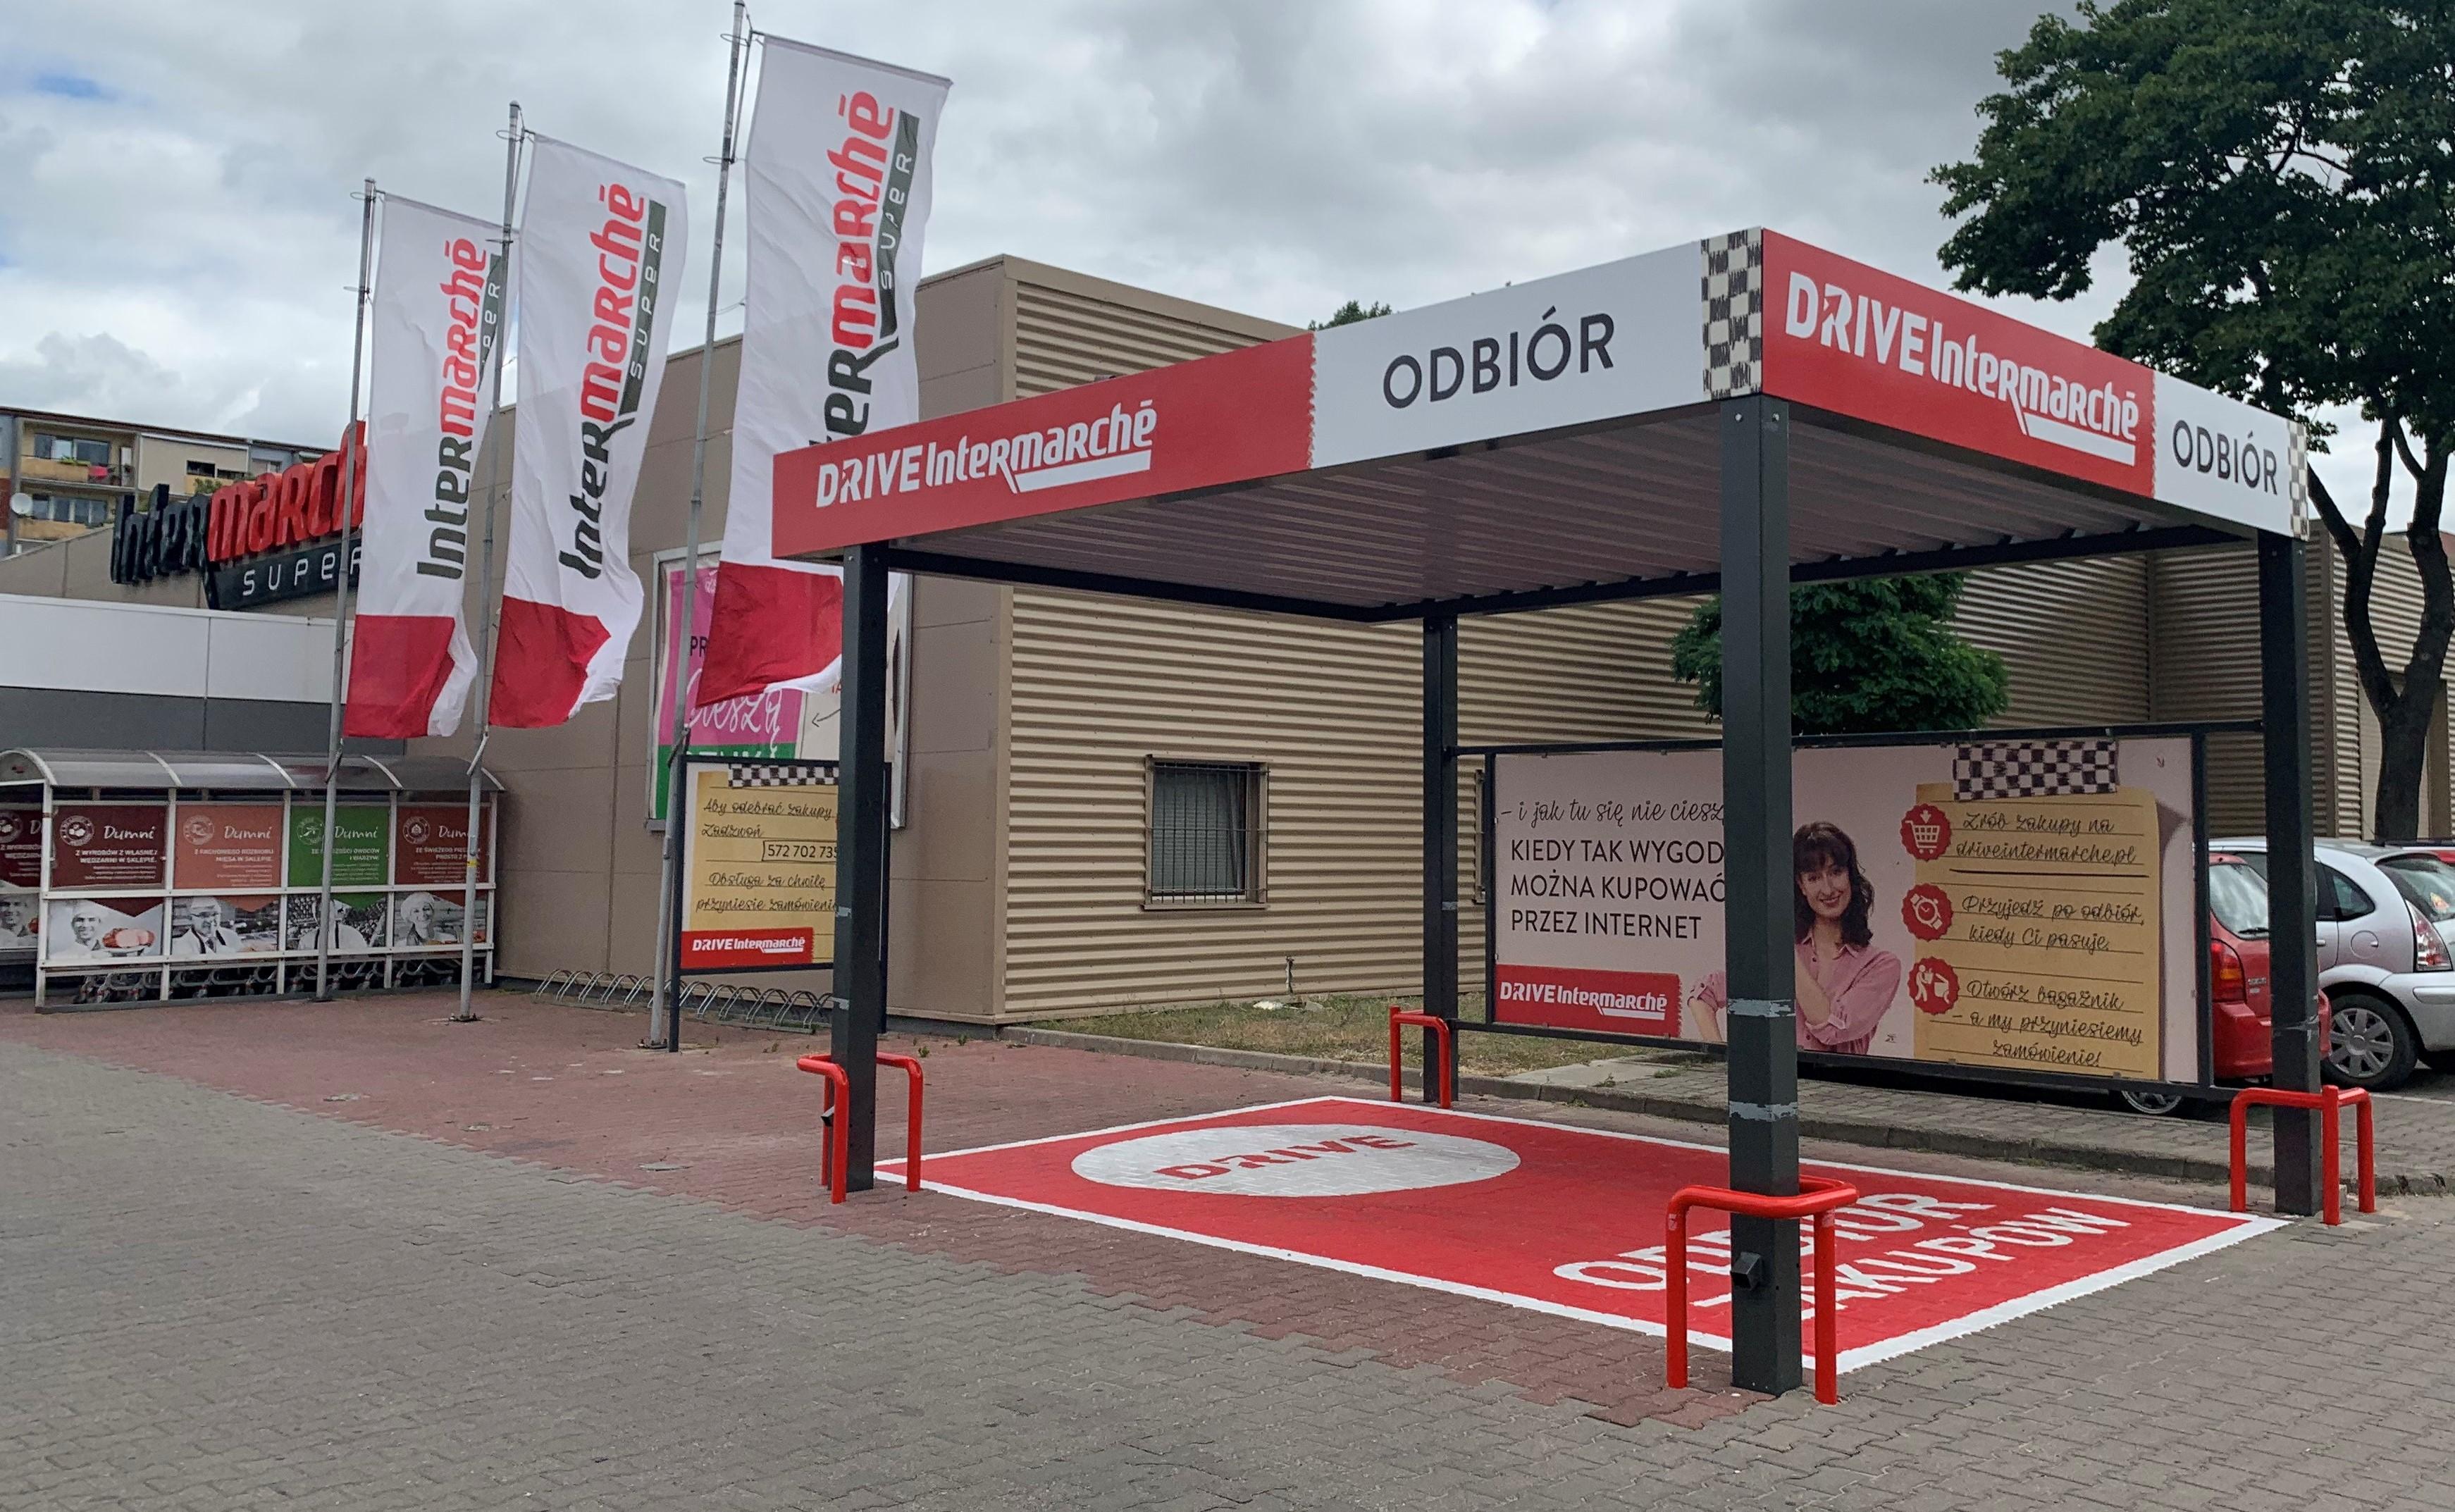 Intermarché Drive w ponad 50 sklepach sieci